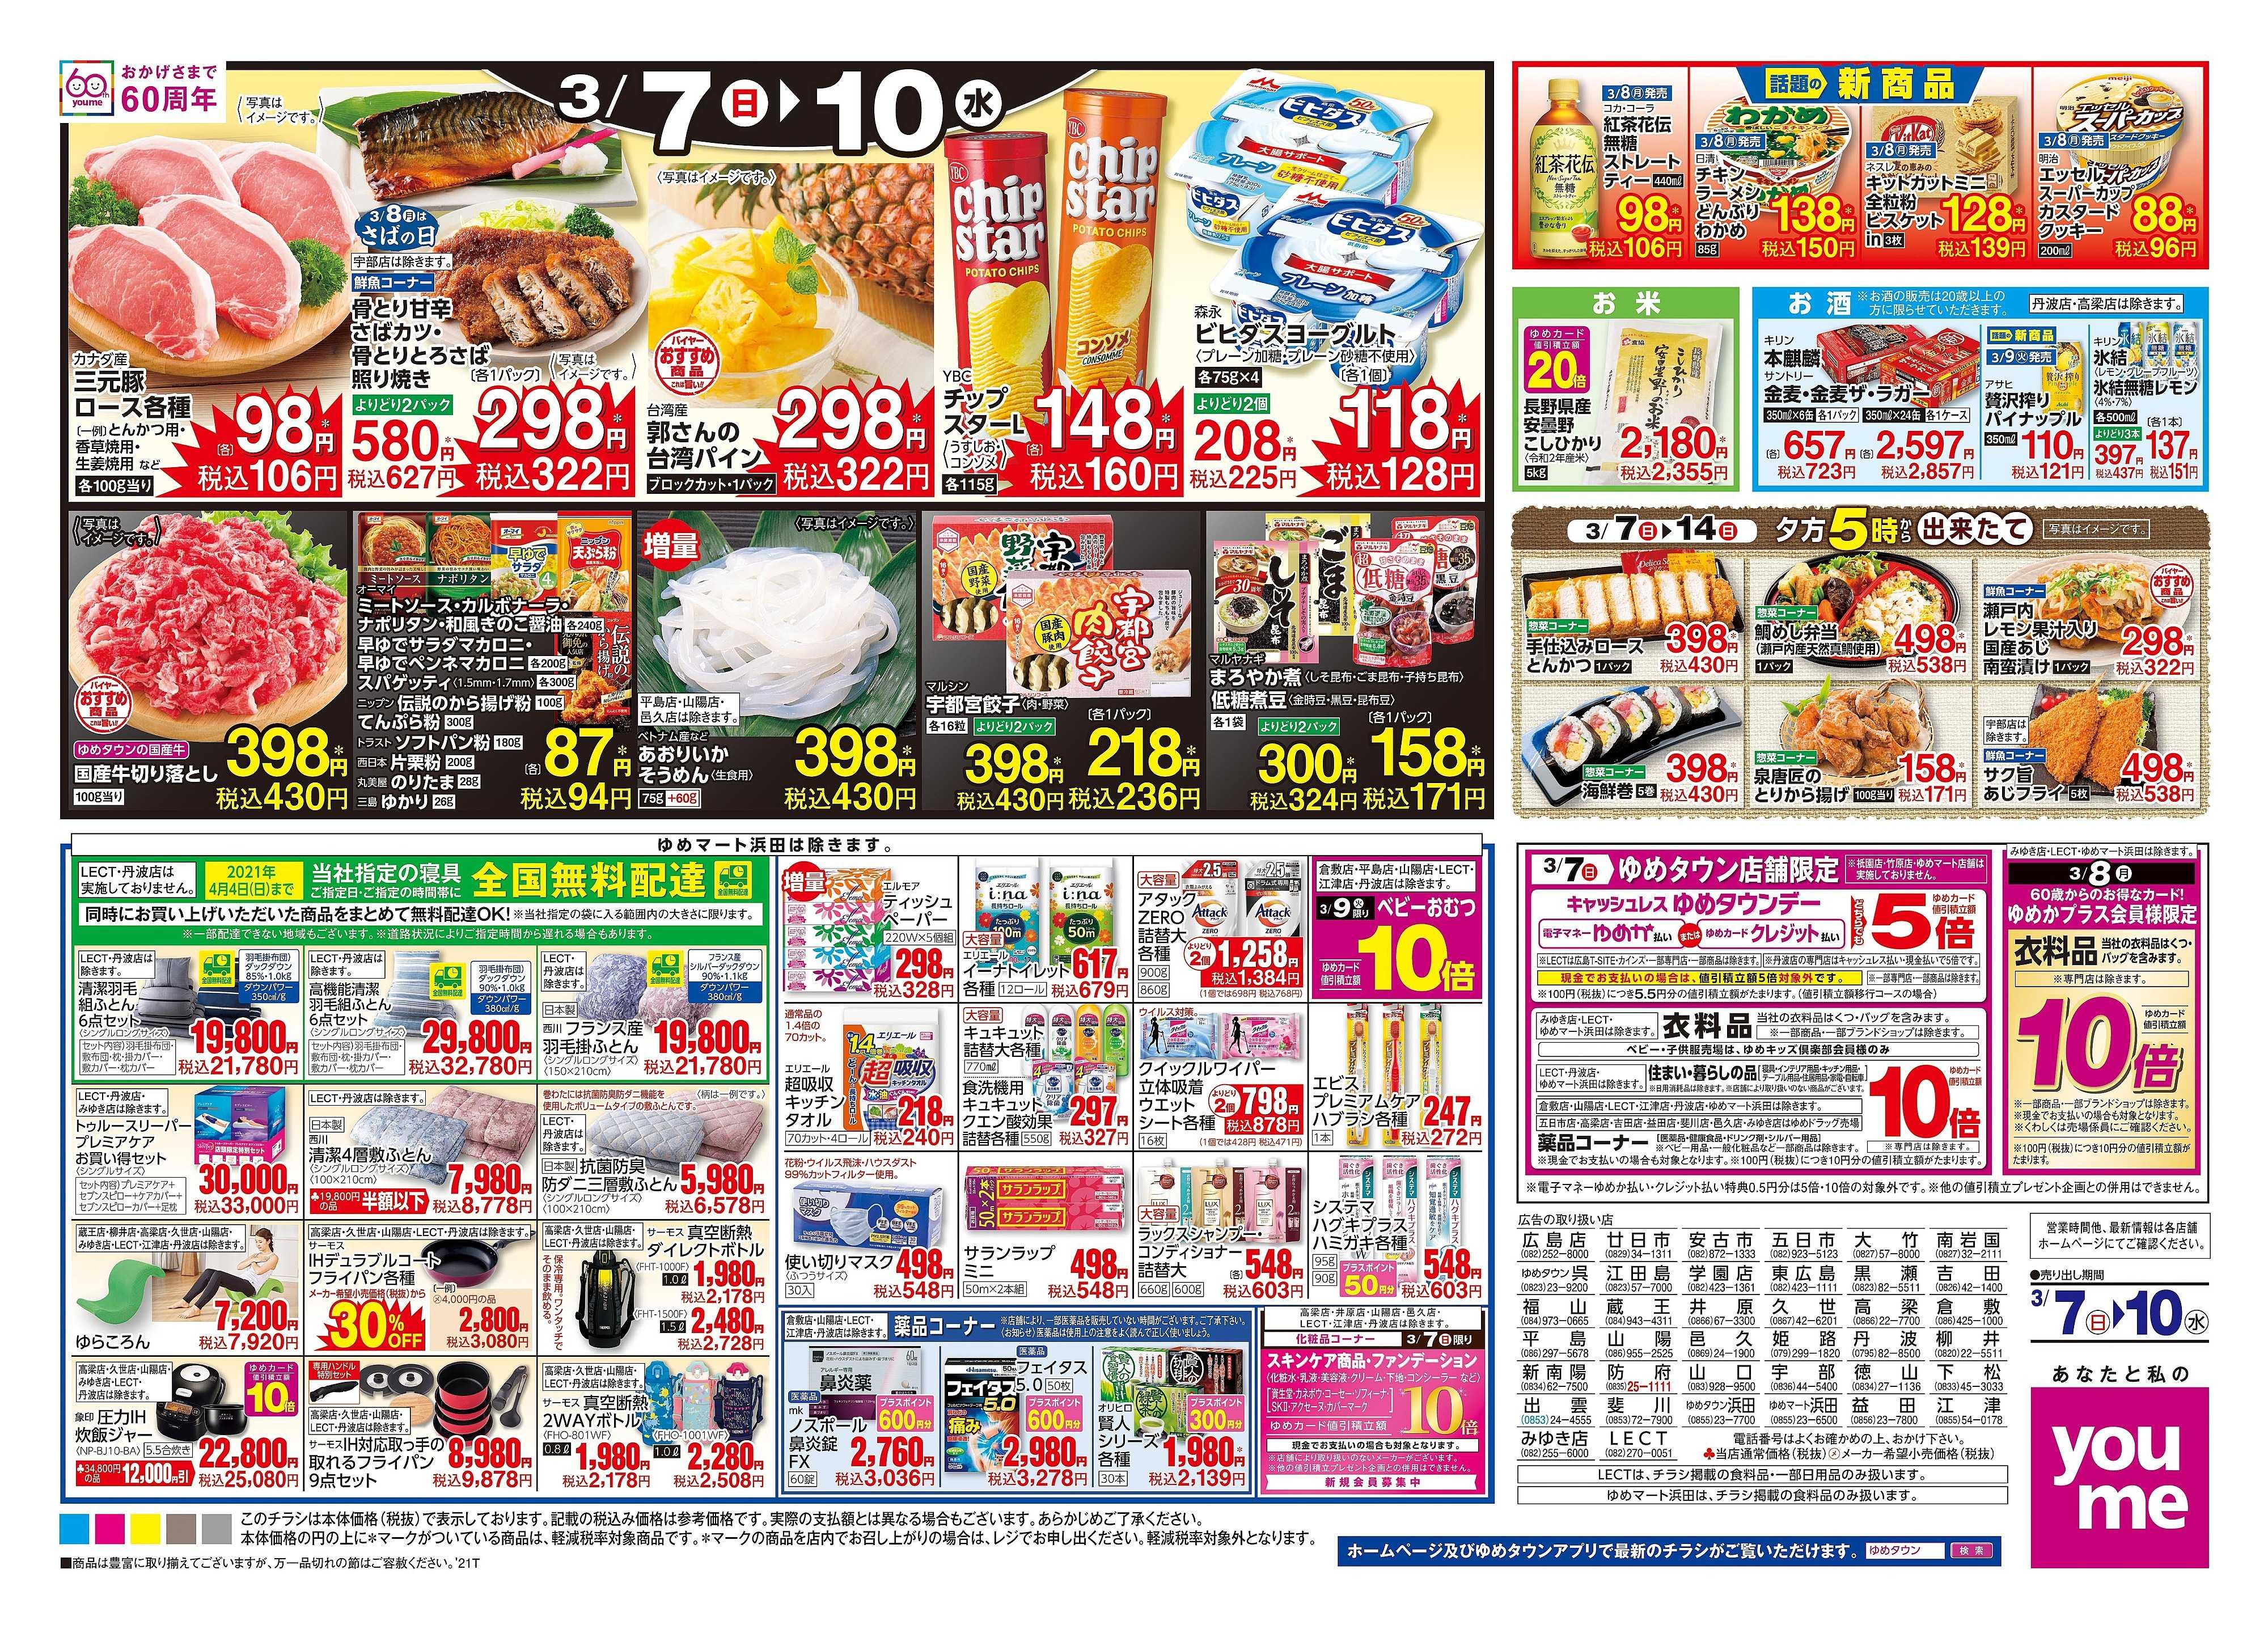 ゆめタウン 3/7(日)-3/10(水)